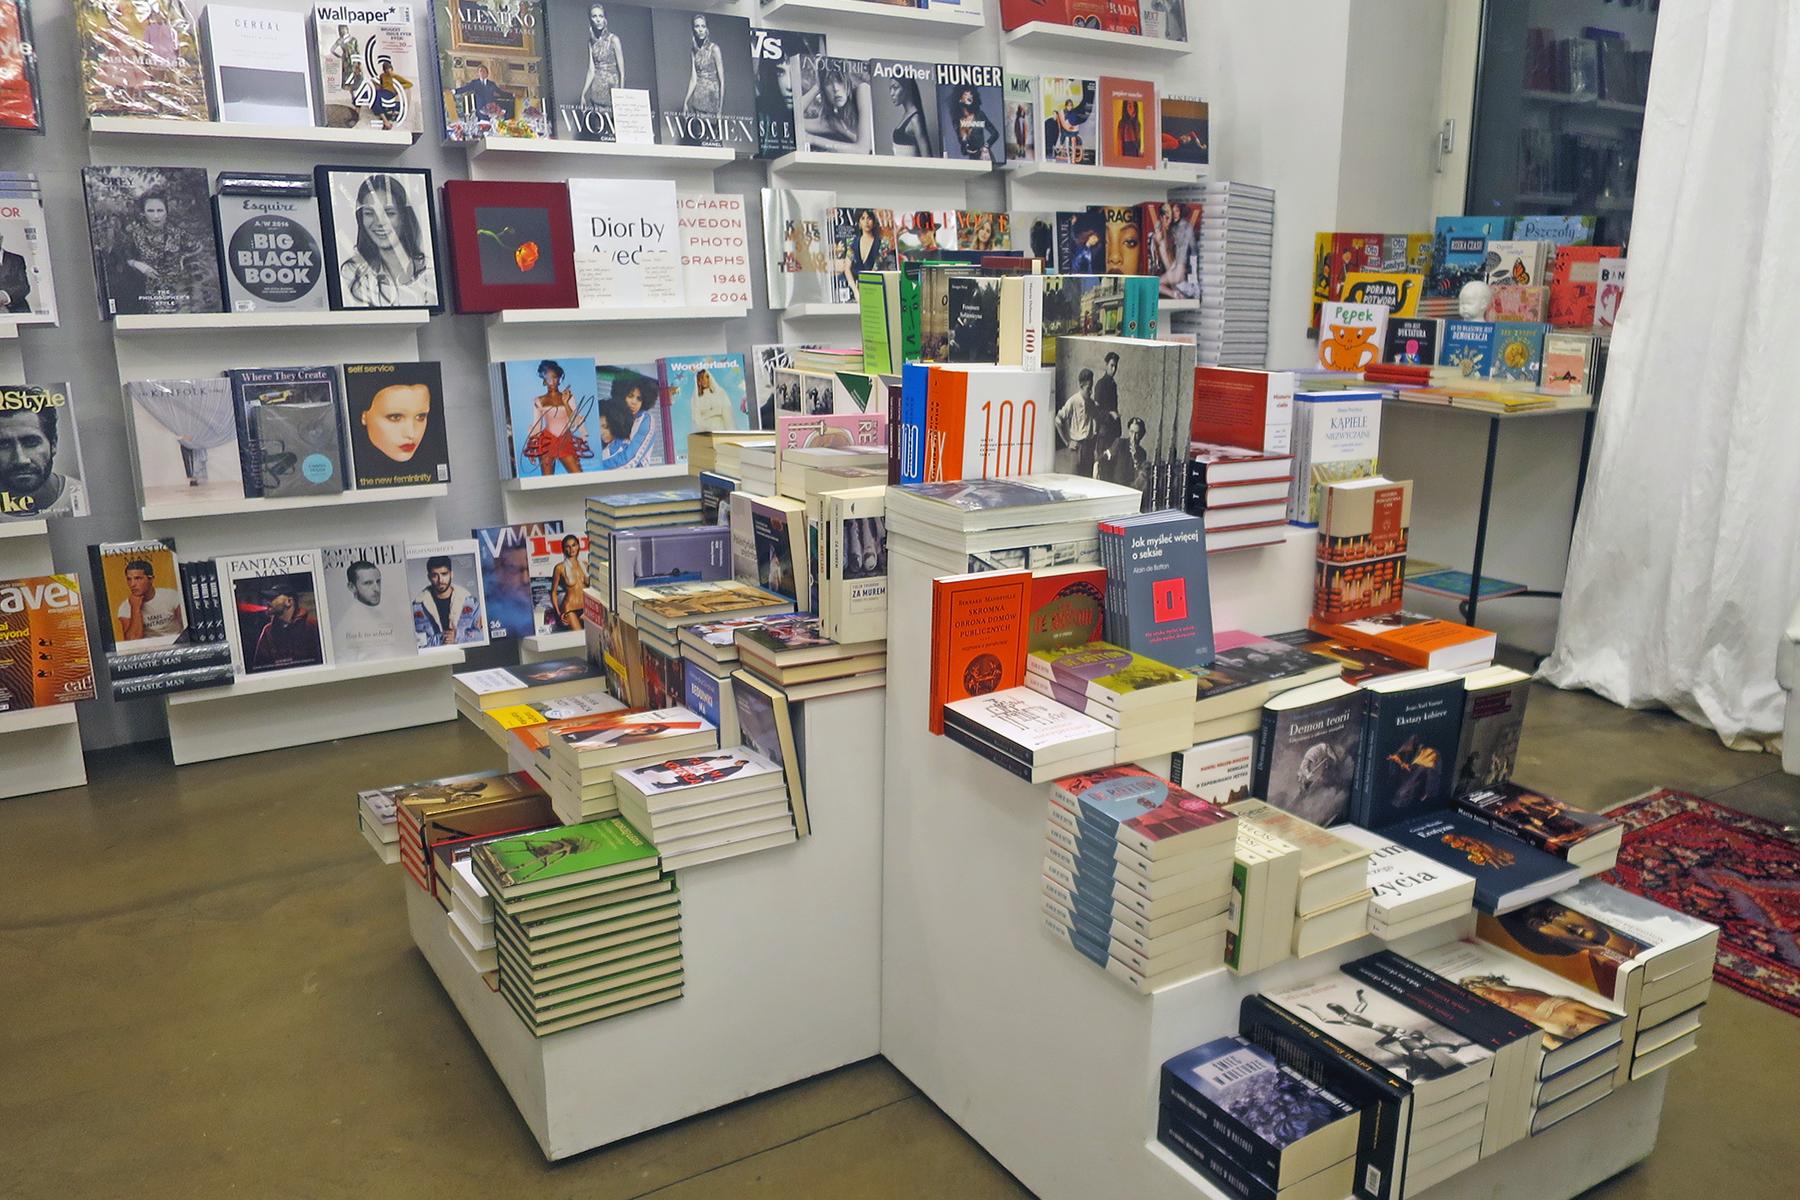 Shopping-Guide für Warschau: Die 17 besten Concept-Stores, Boutiquen & Malls in Warschau